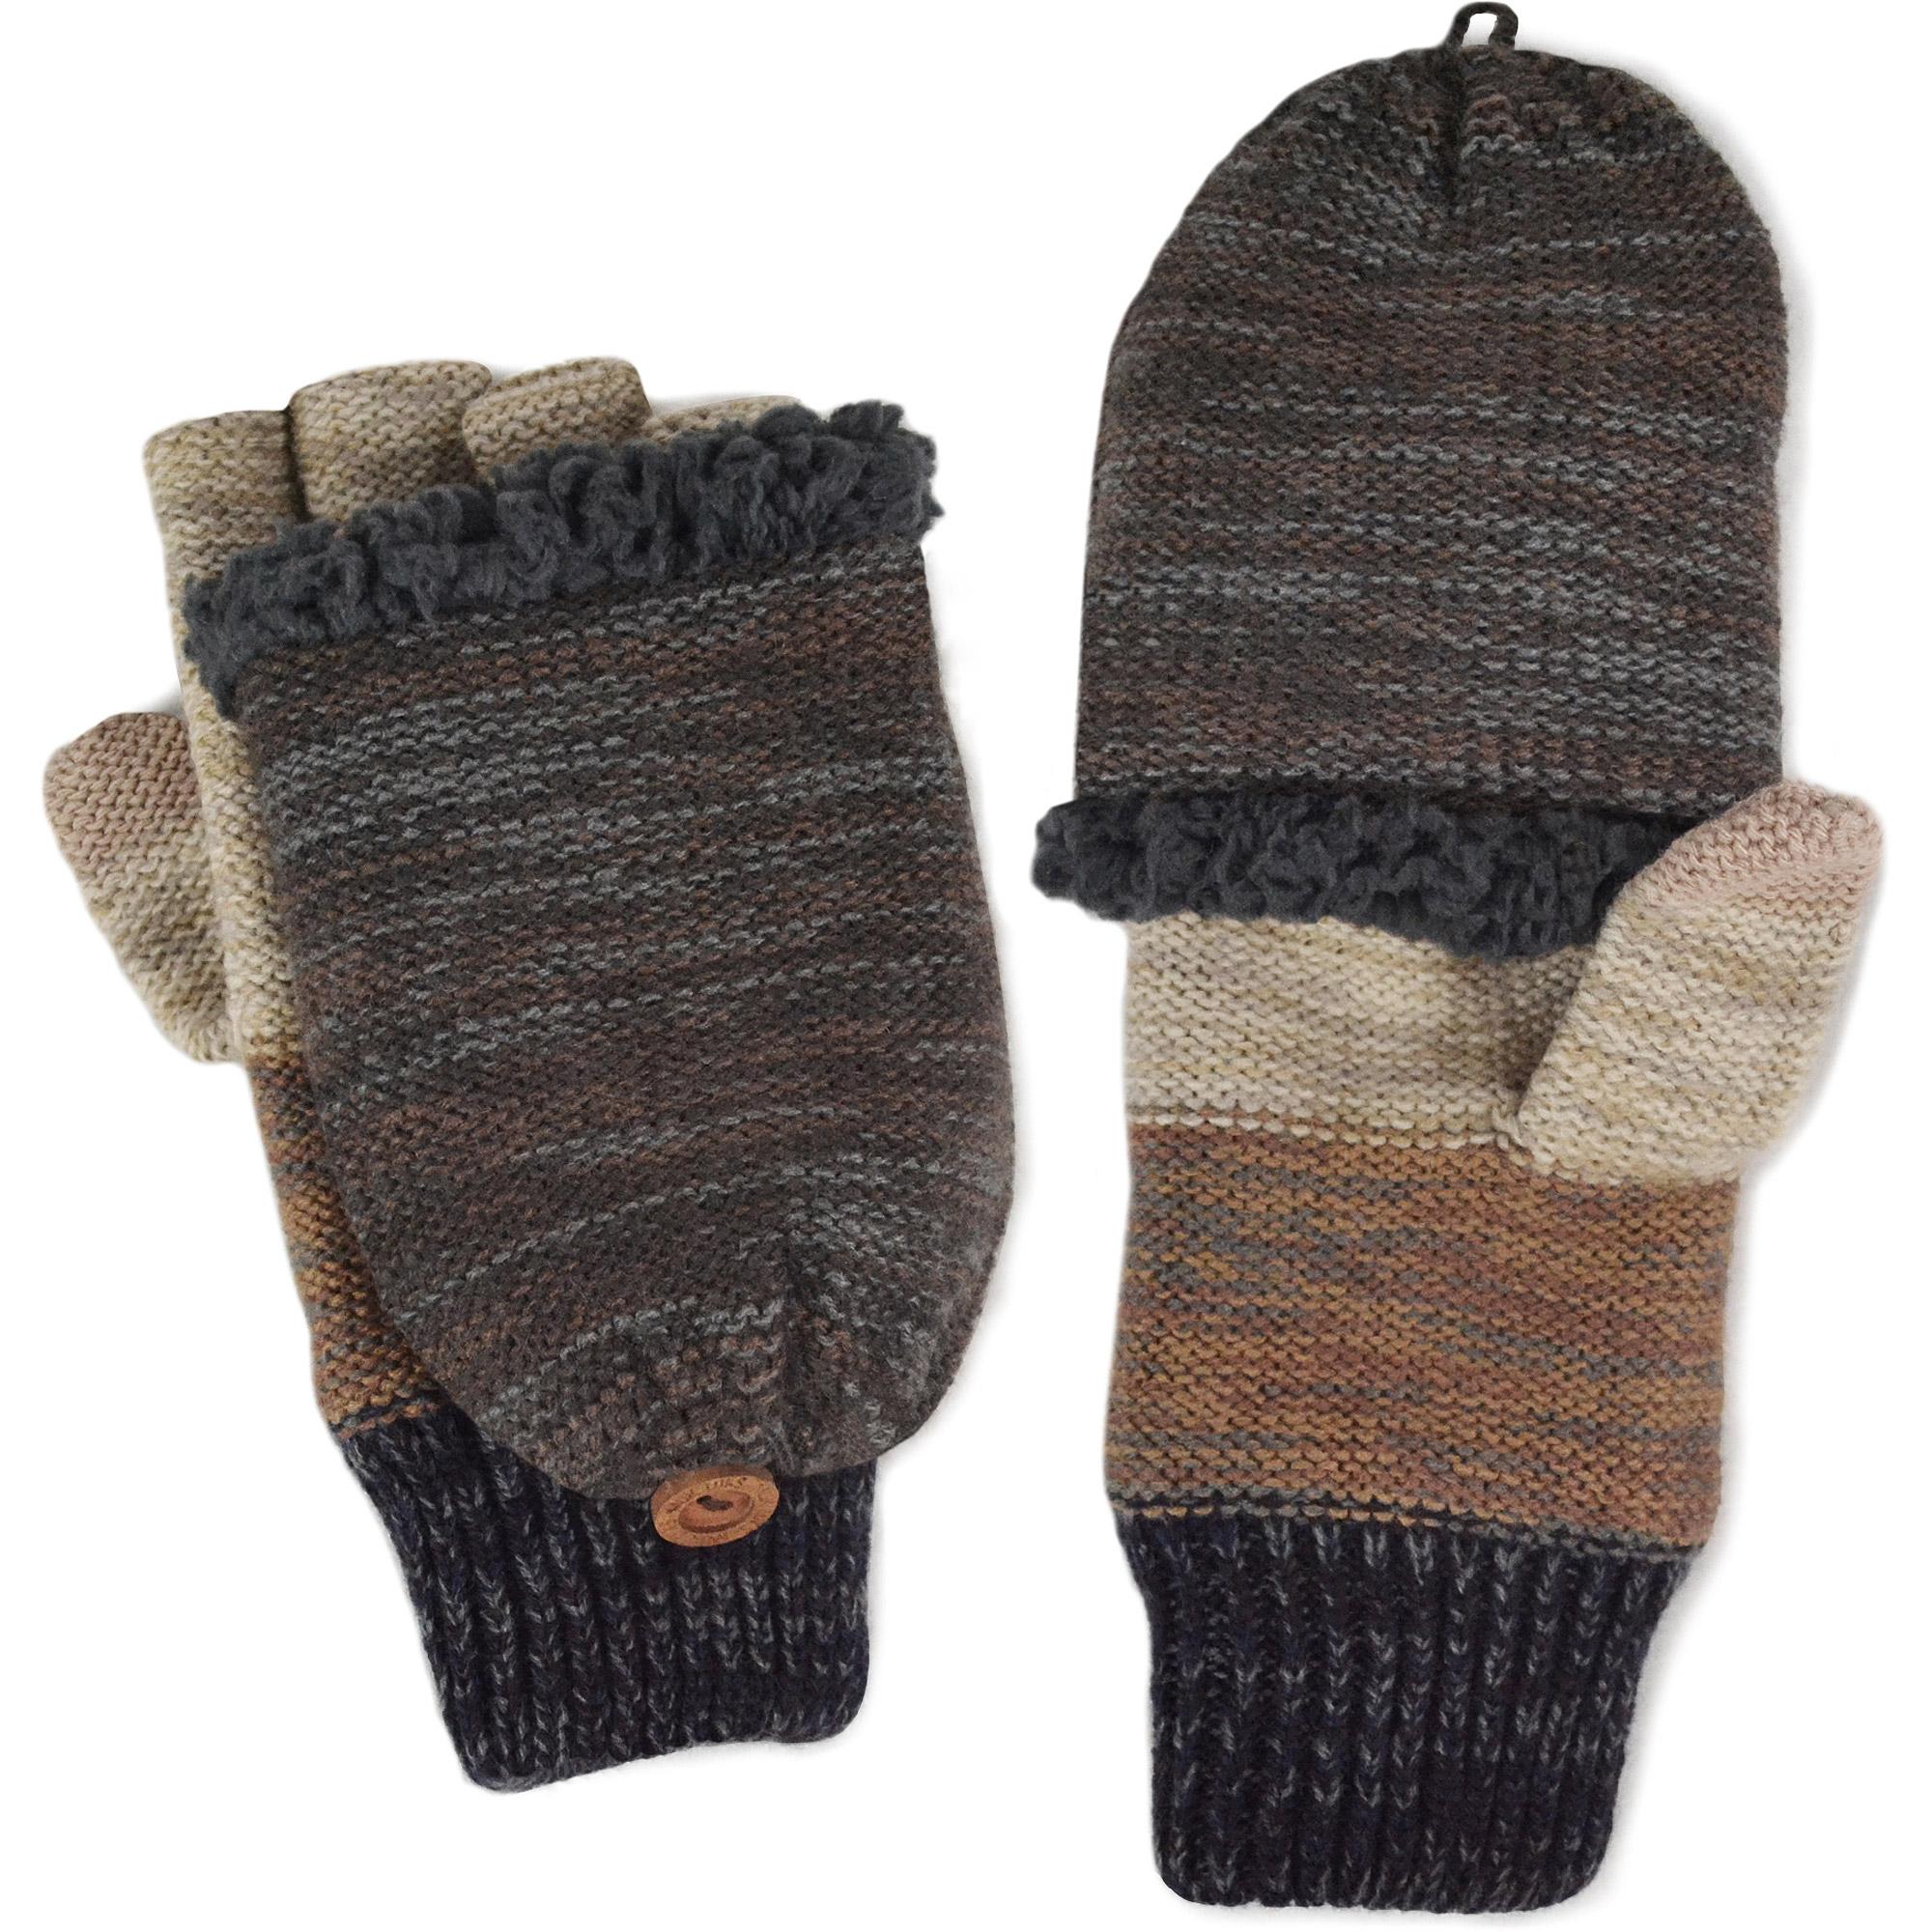 MUK LUKS Men's Ombre Knit Flip Gloves